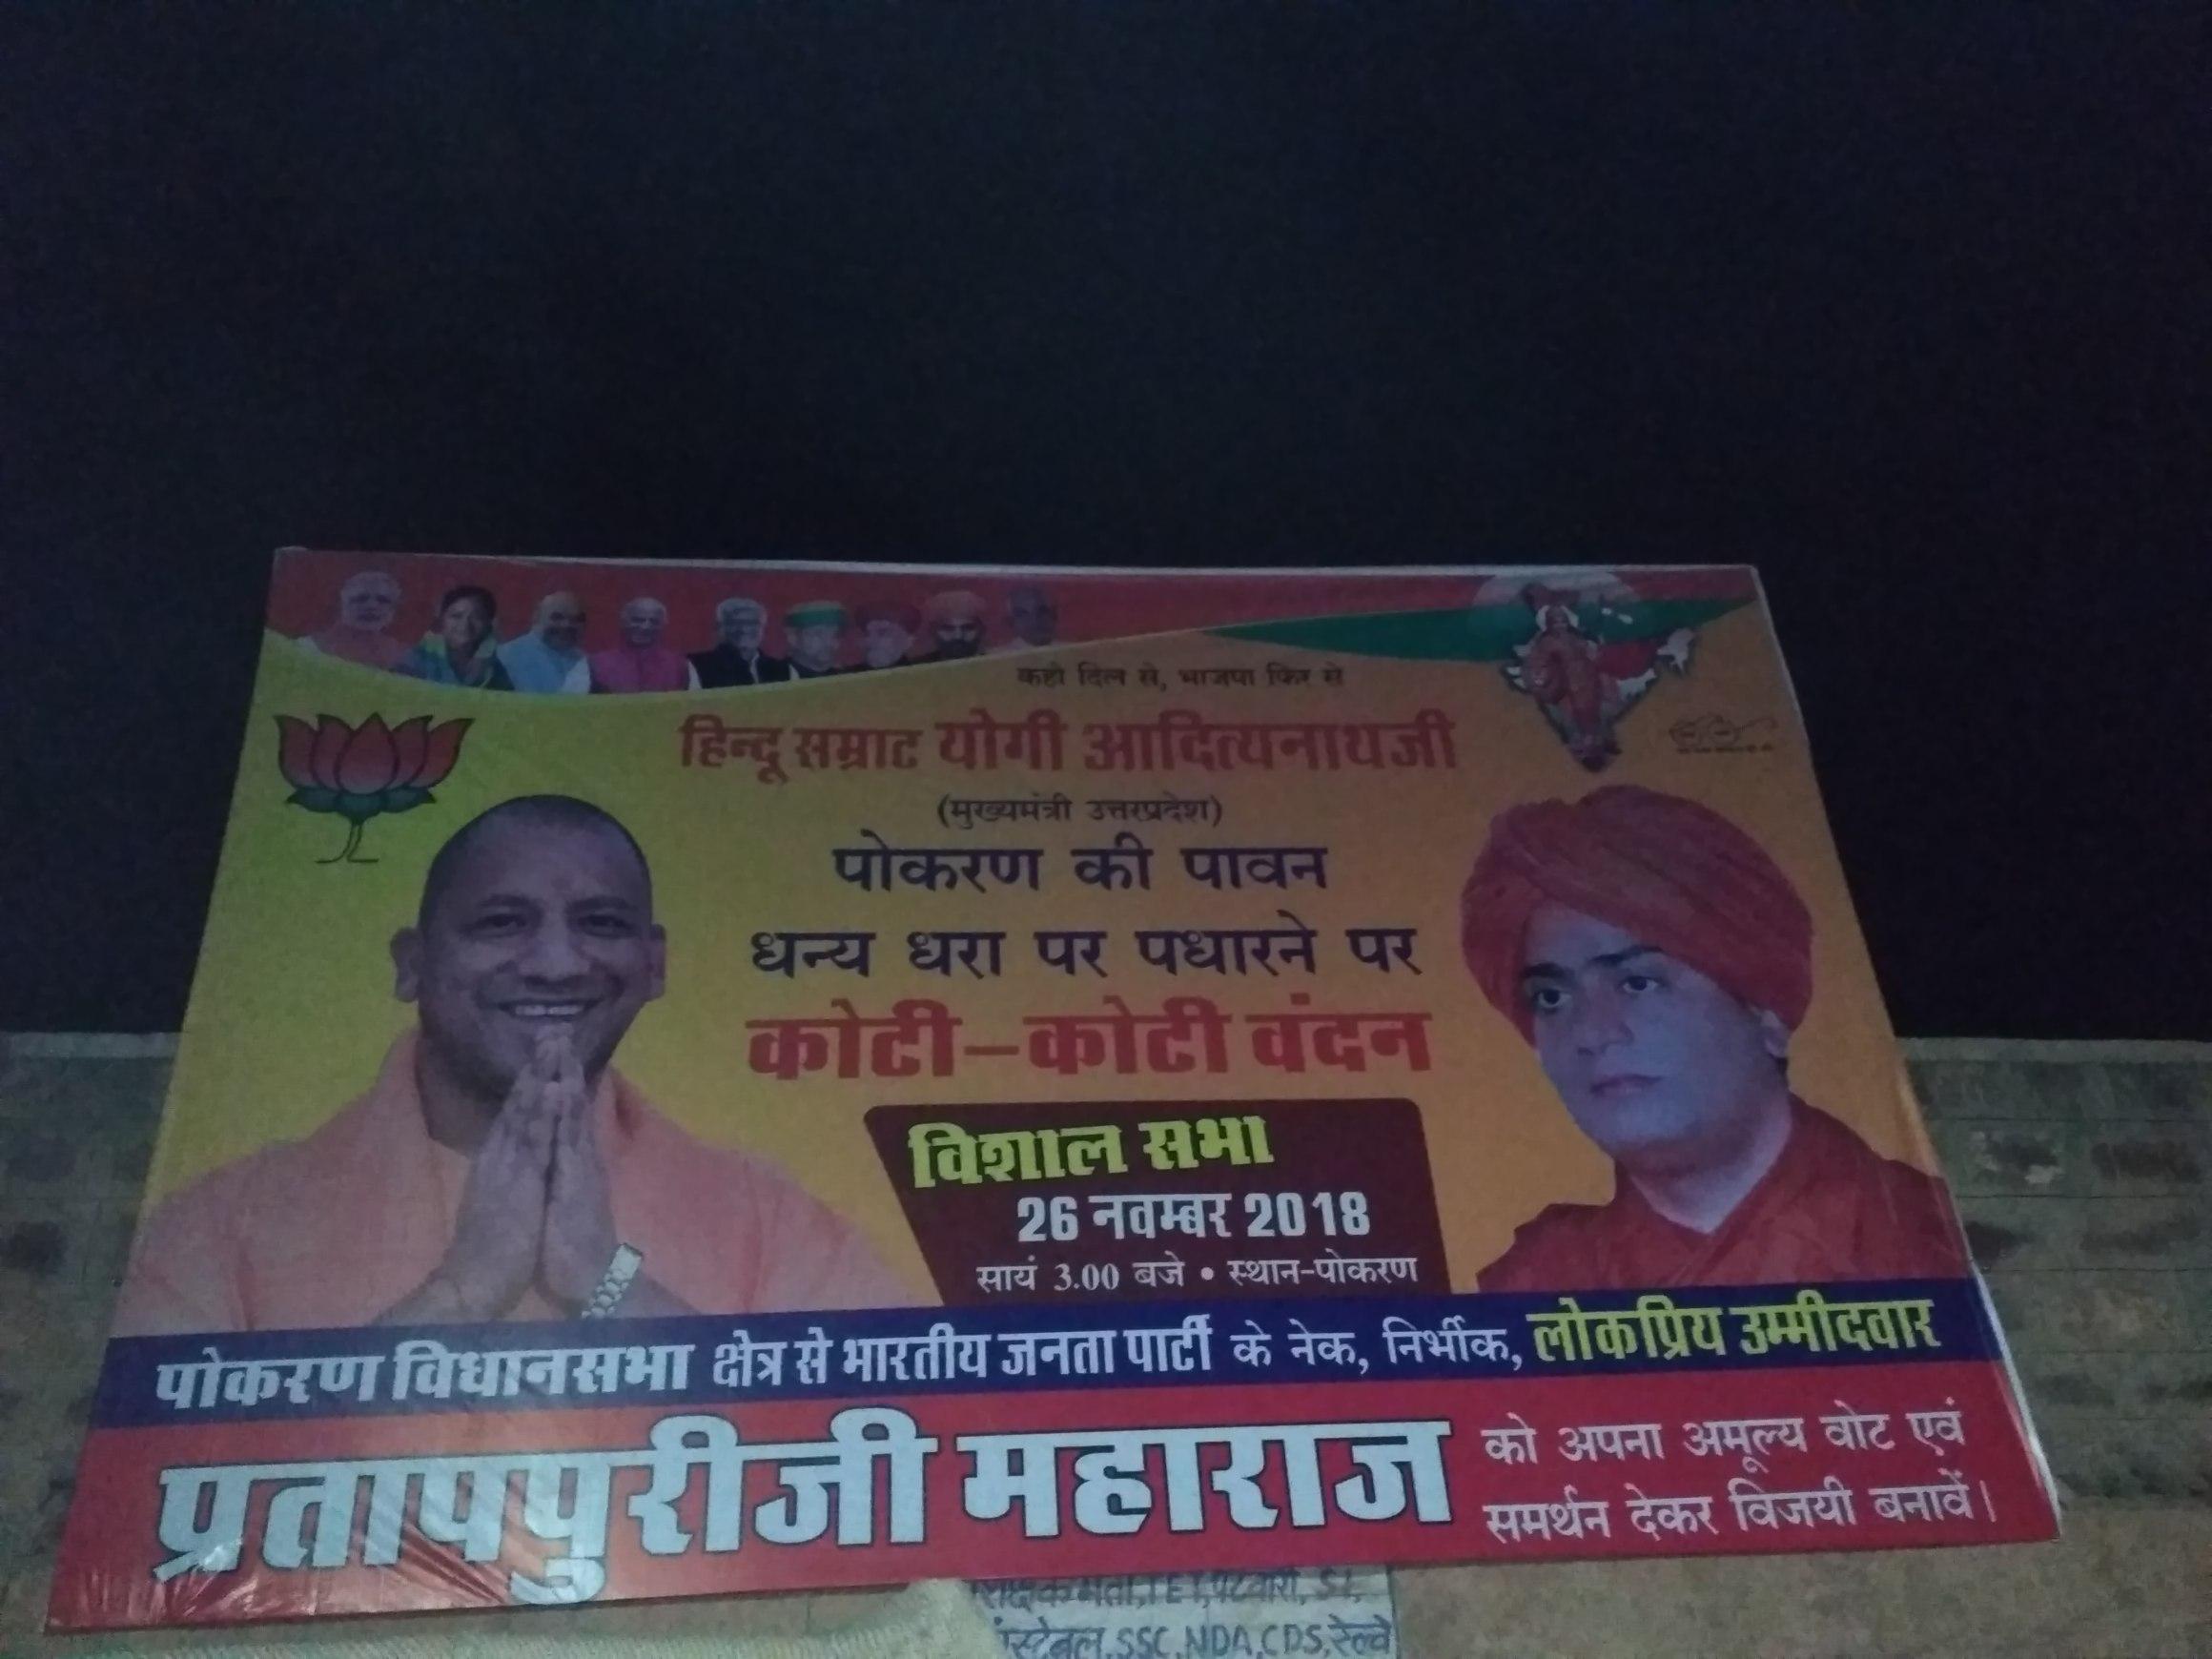 پوکھرن میں یوگی آدتیہ ناتھ کے جلسہ سے متعلق بی جے پی کی طرف سے لگایا گیا پوسٹر(فوٹو : مادھو شرما /دی وائر)